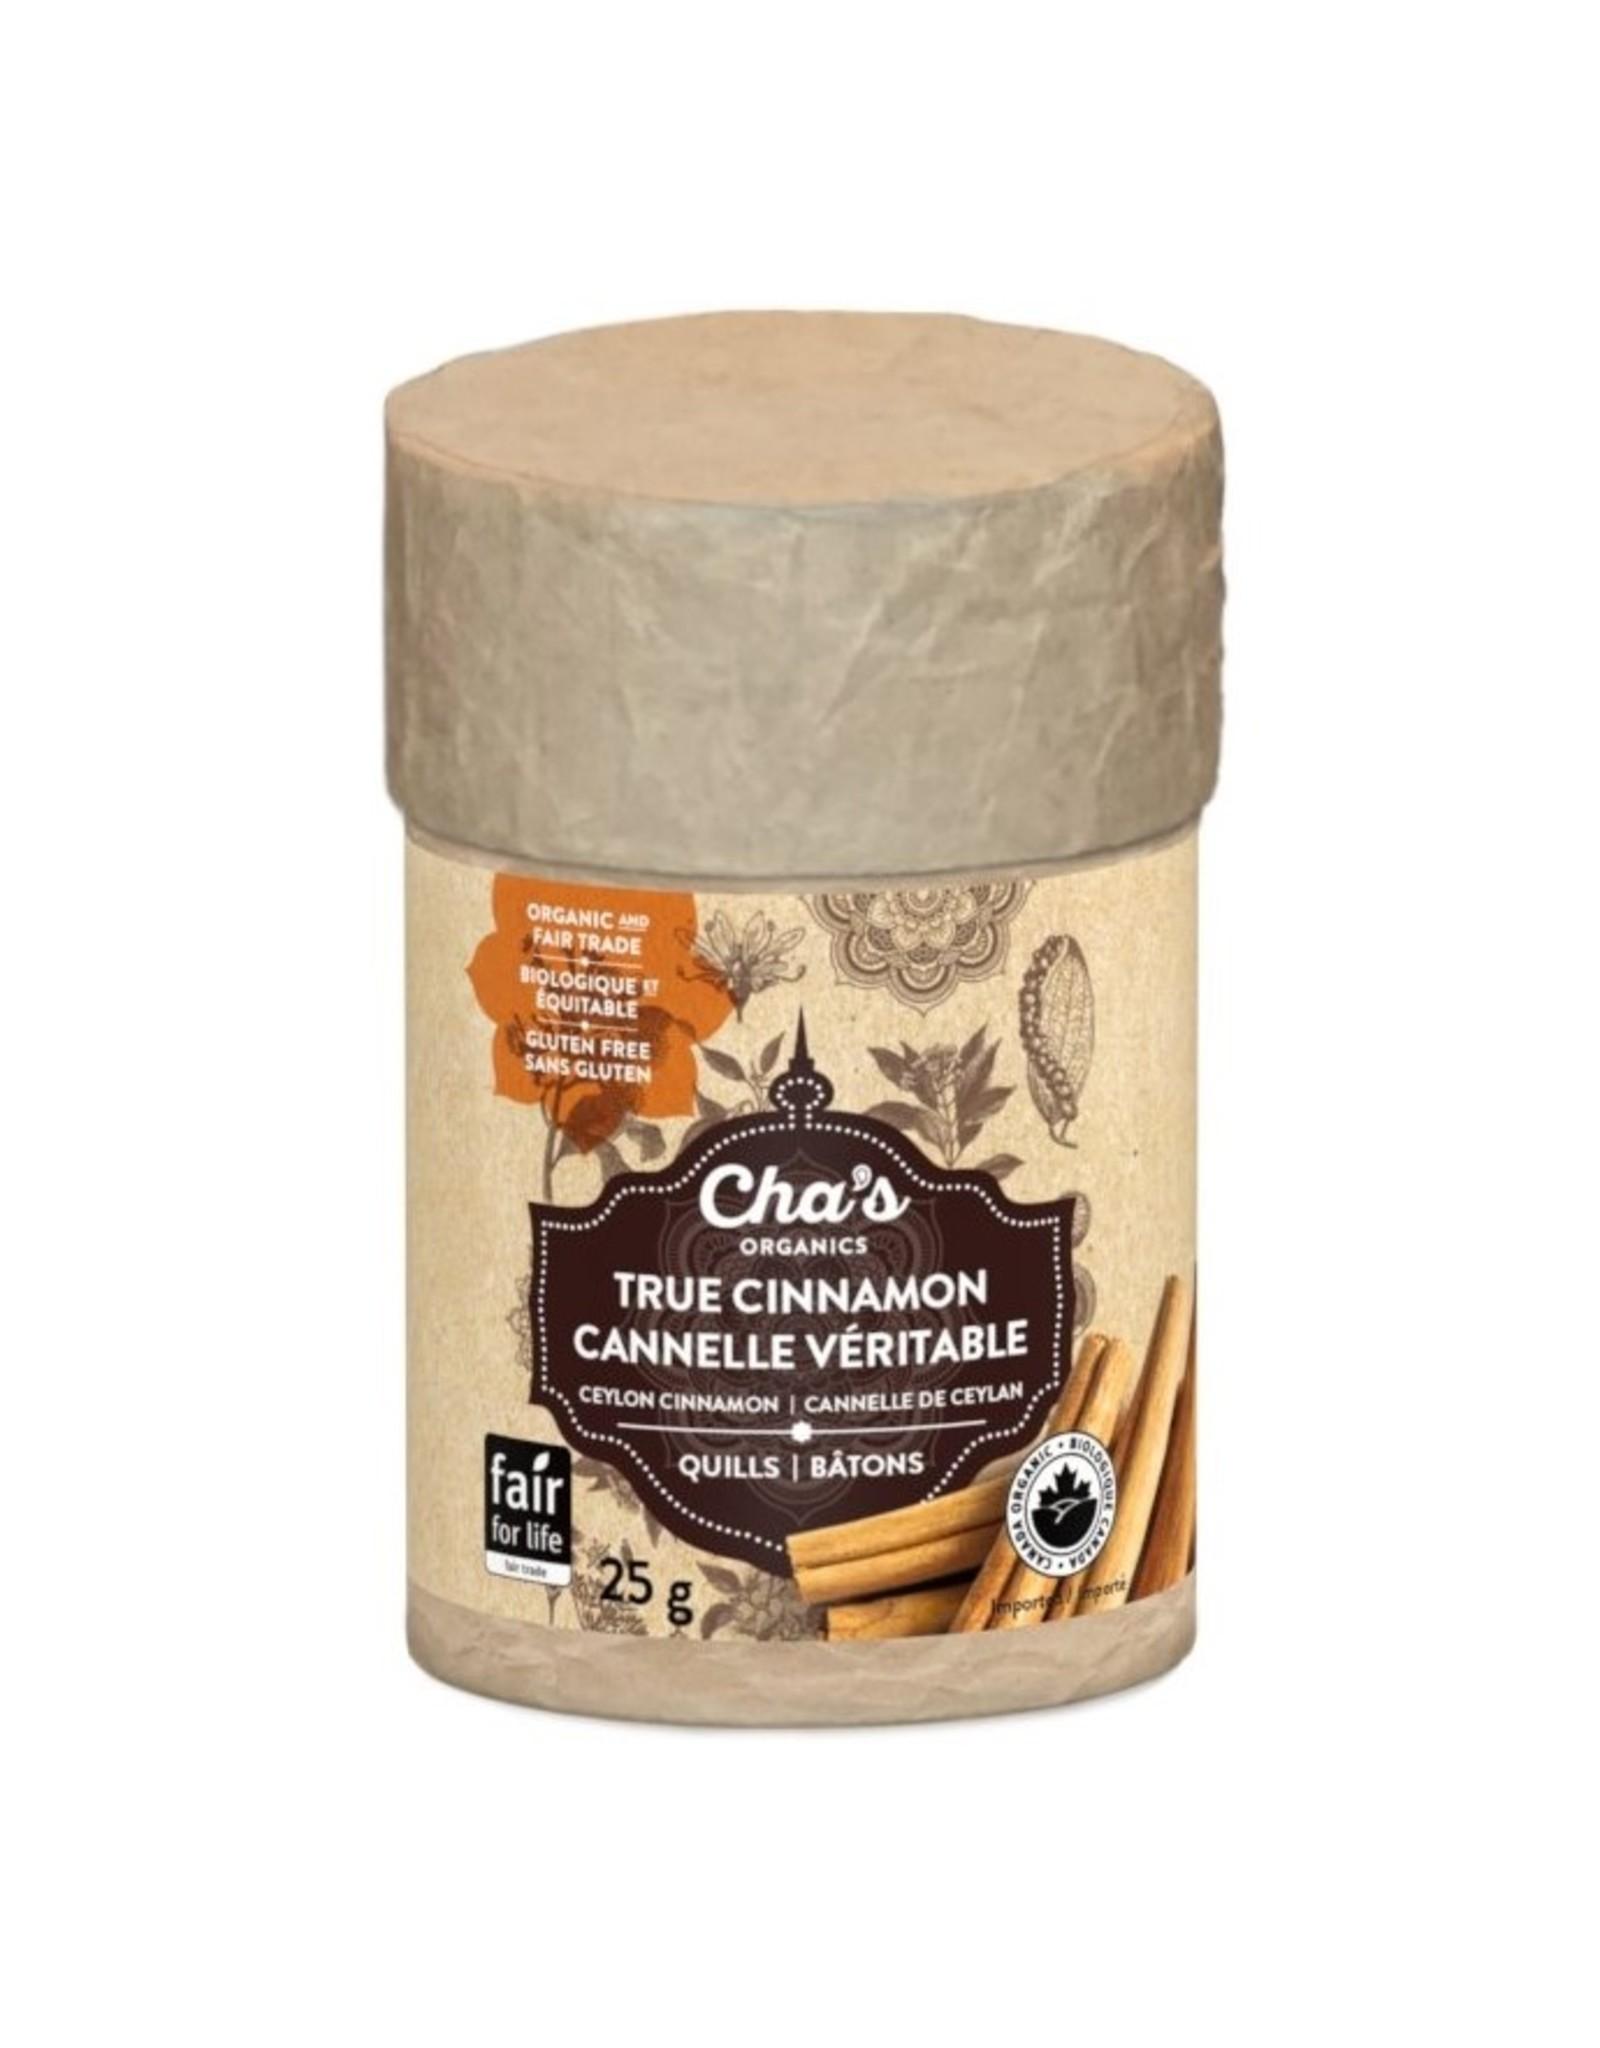 Cha's Organics Cha's True Cinnamon Quills (25g)